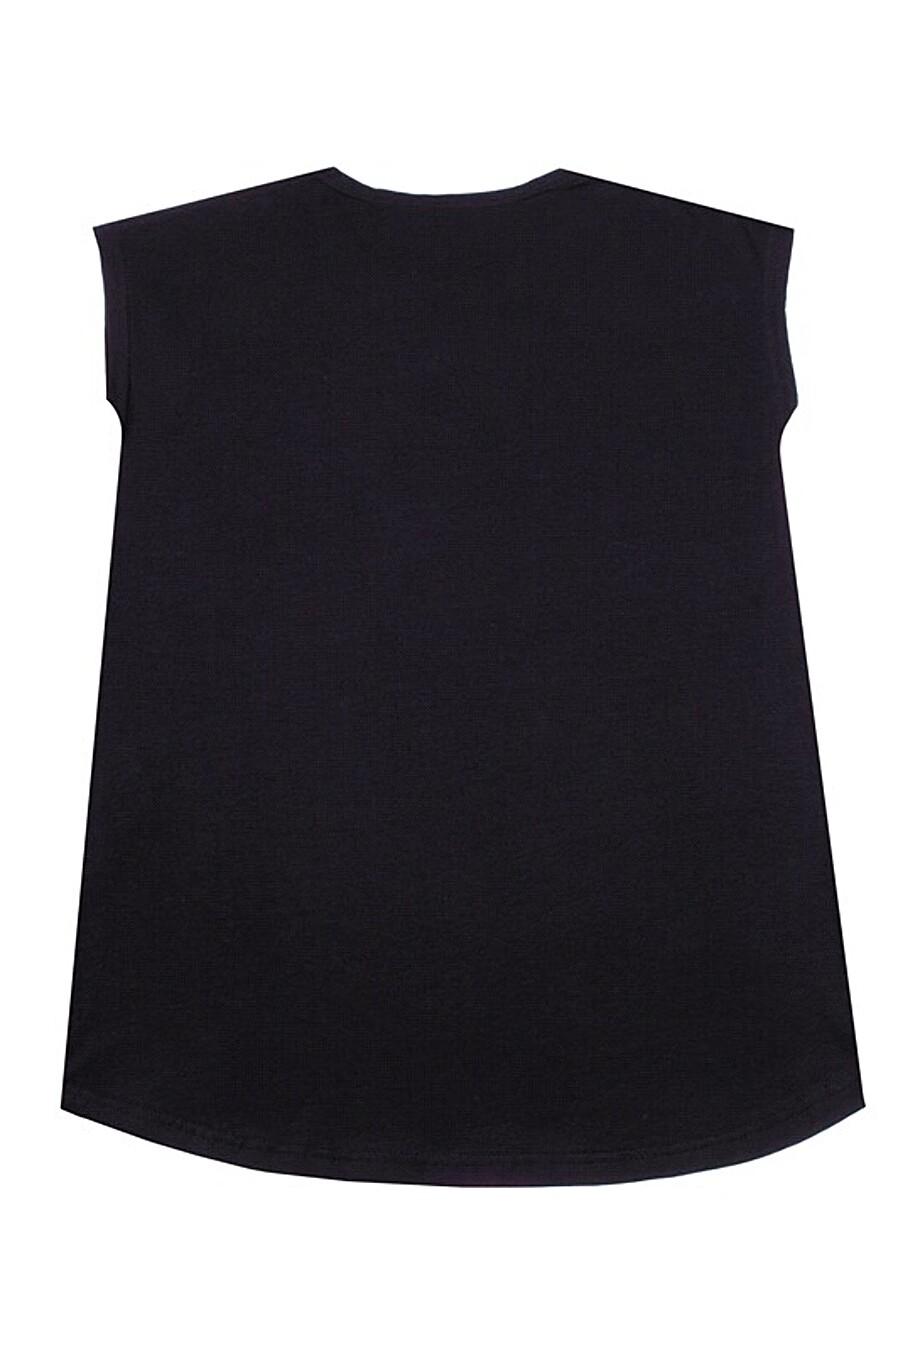 Футболка для женщин Archi 239147 купить оптом от производителя. Совместная покупка женской одежды в OptMoyo